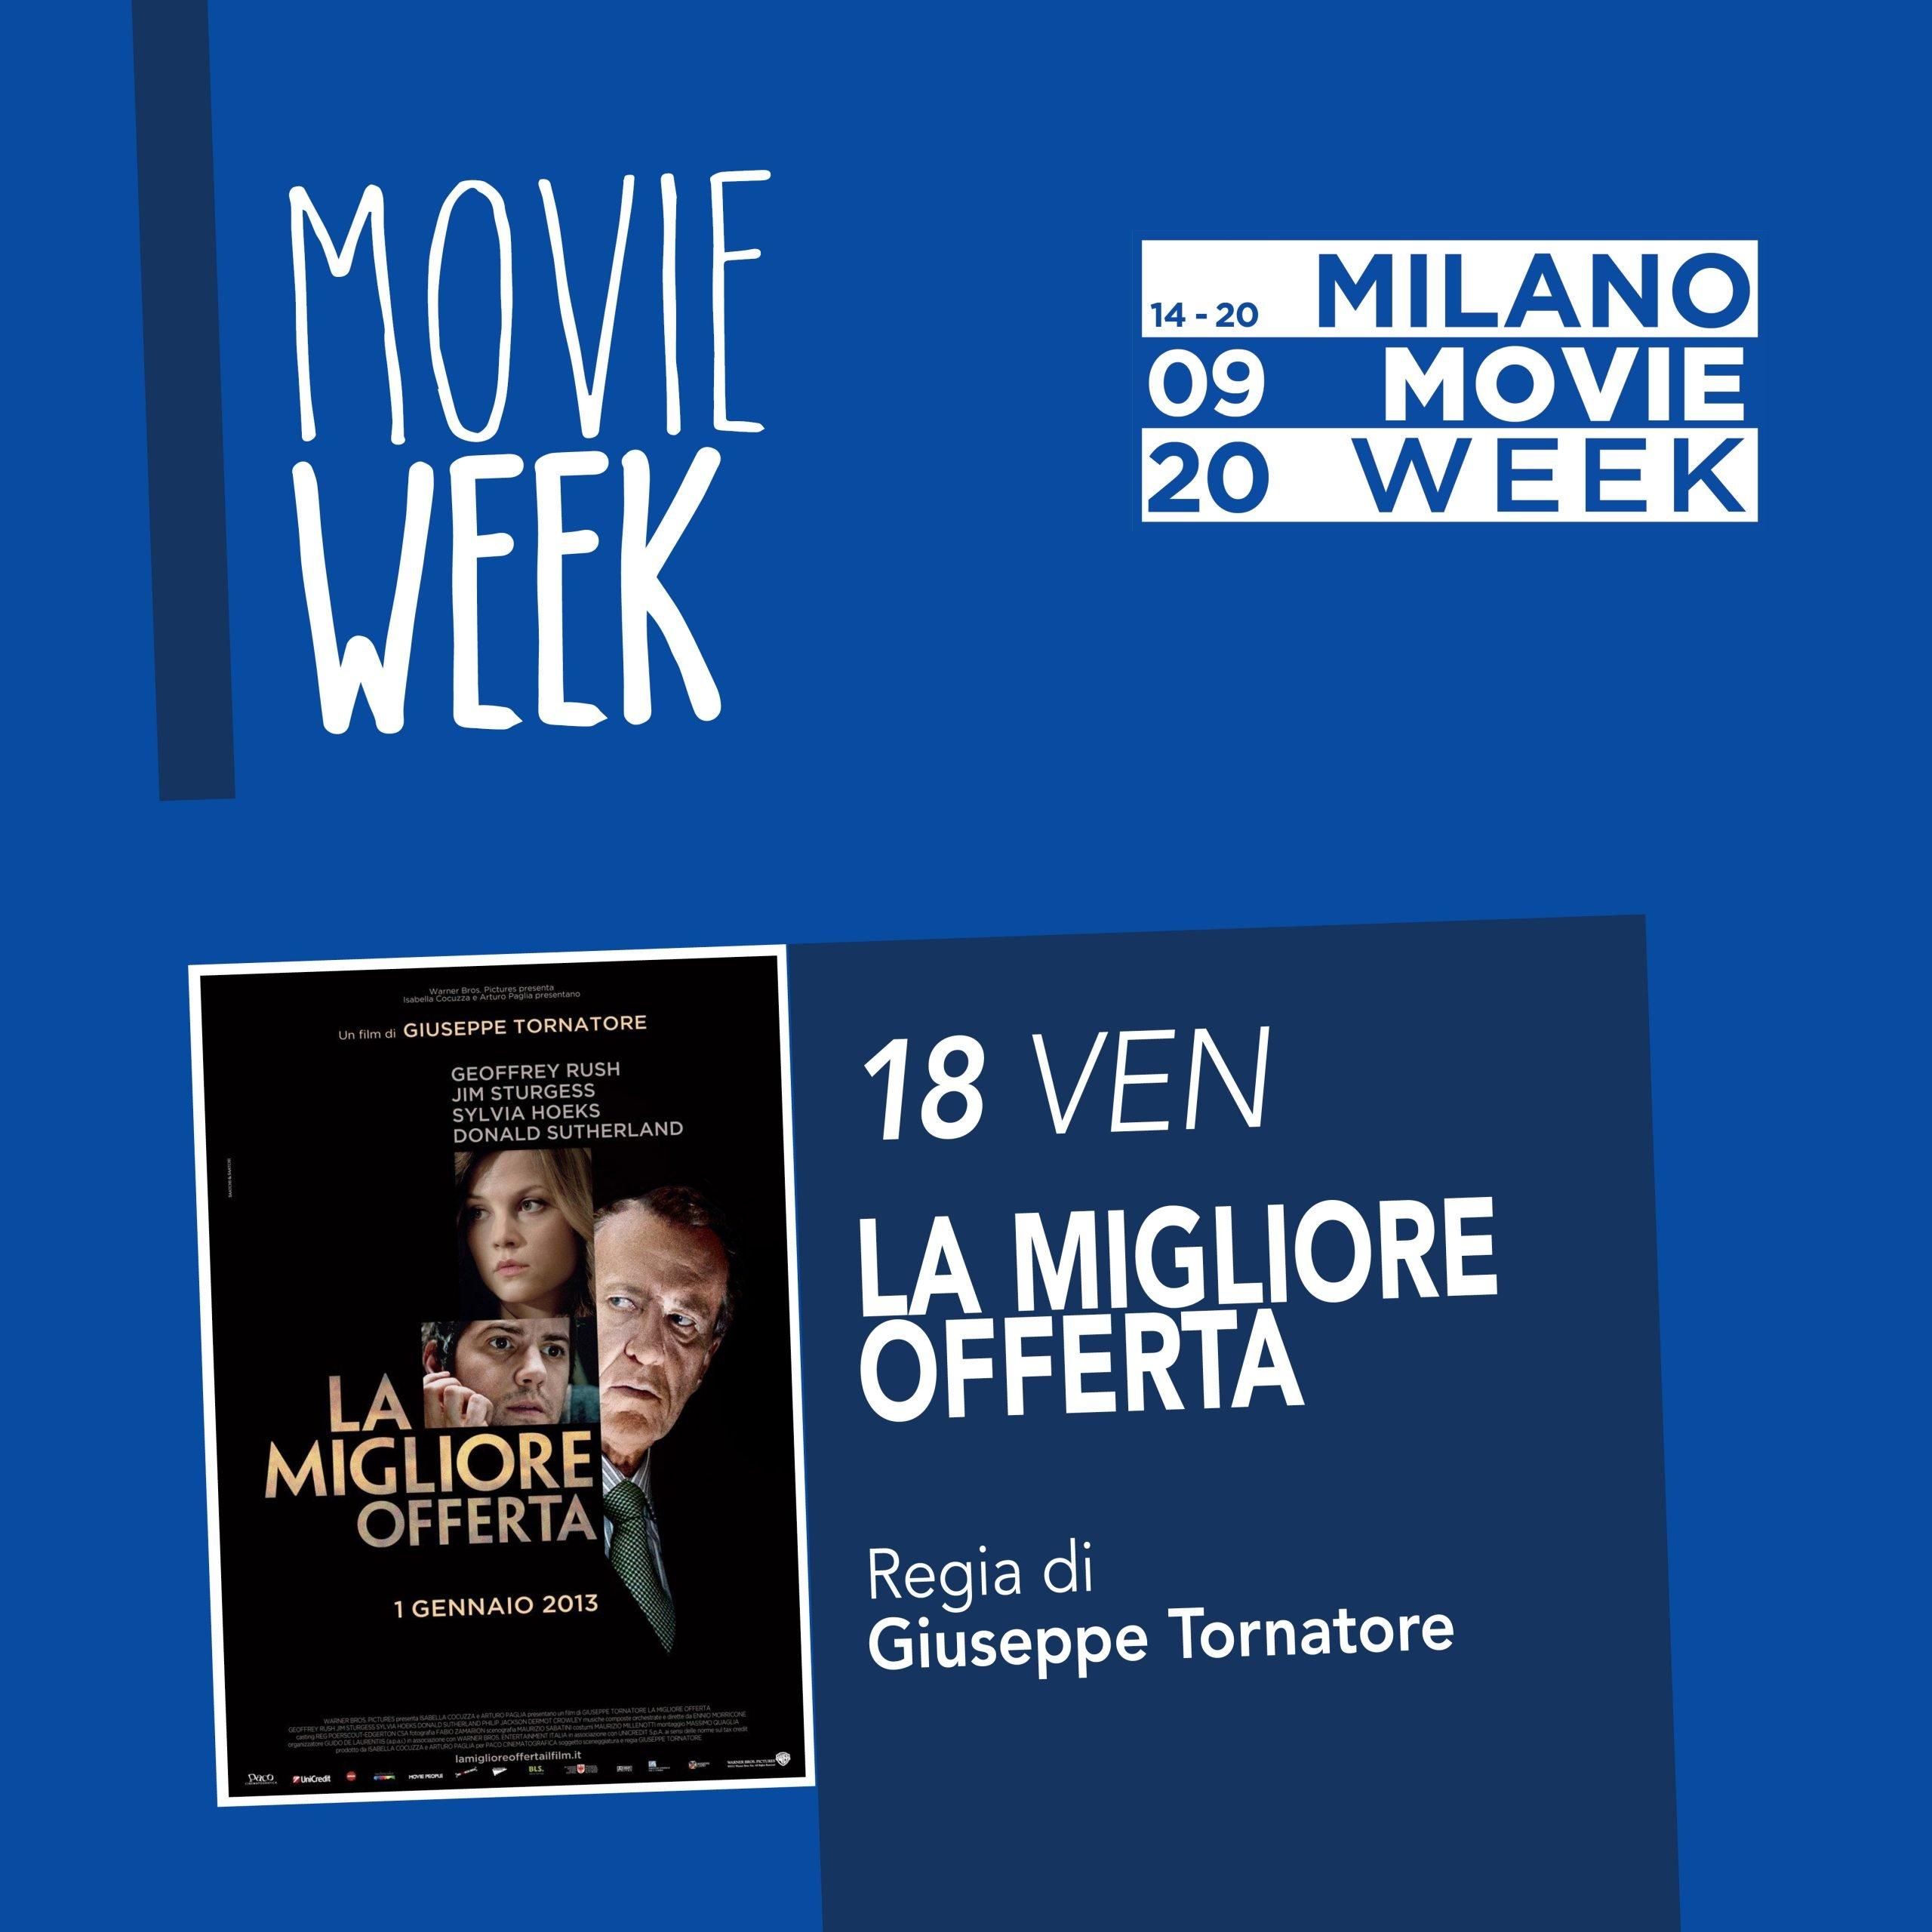 Movie Week La miglior offerta. Omaggio a Morricone. Proiezione al Centro Asteria